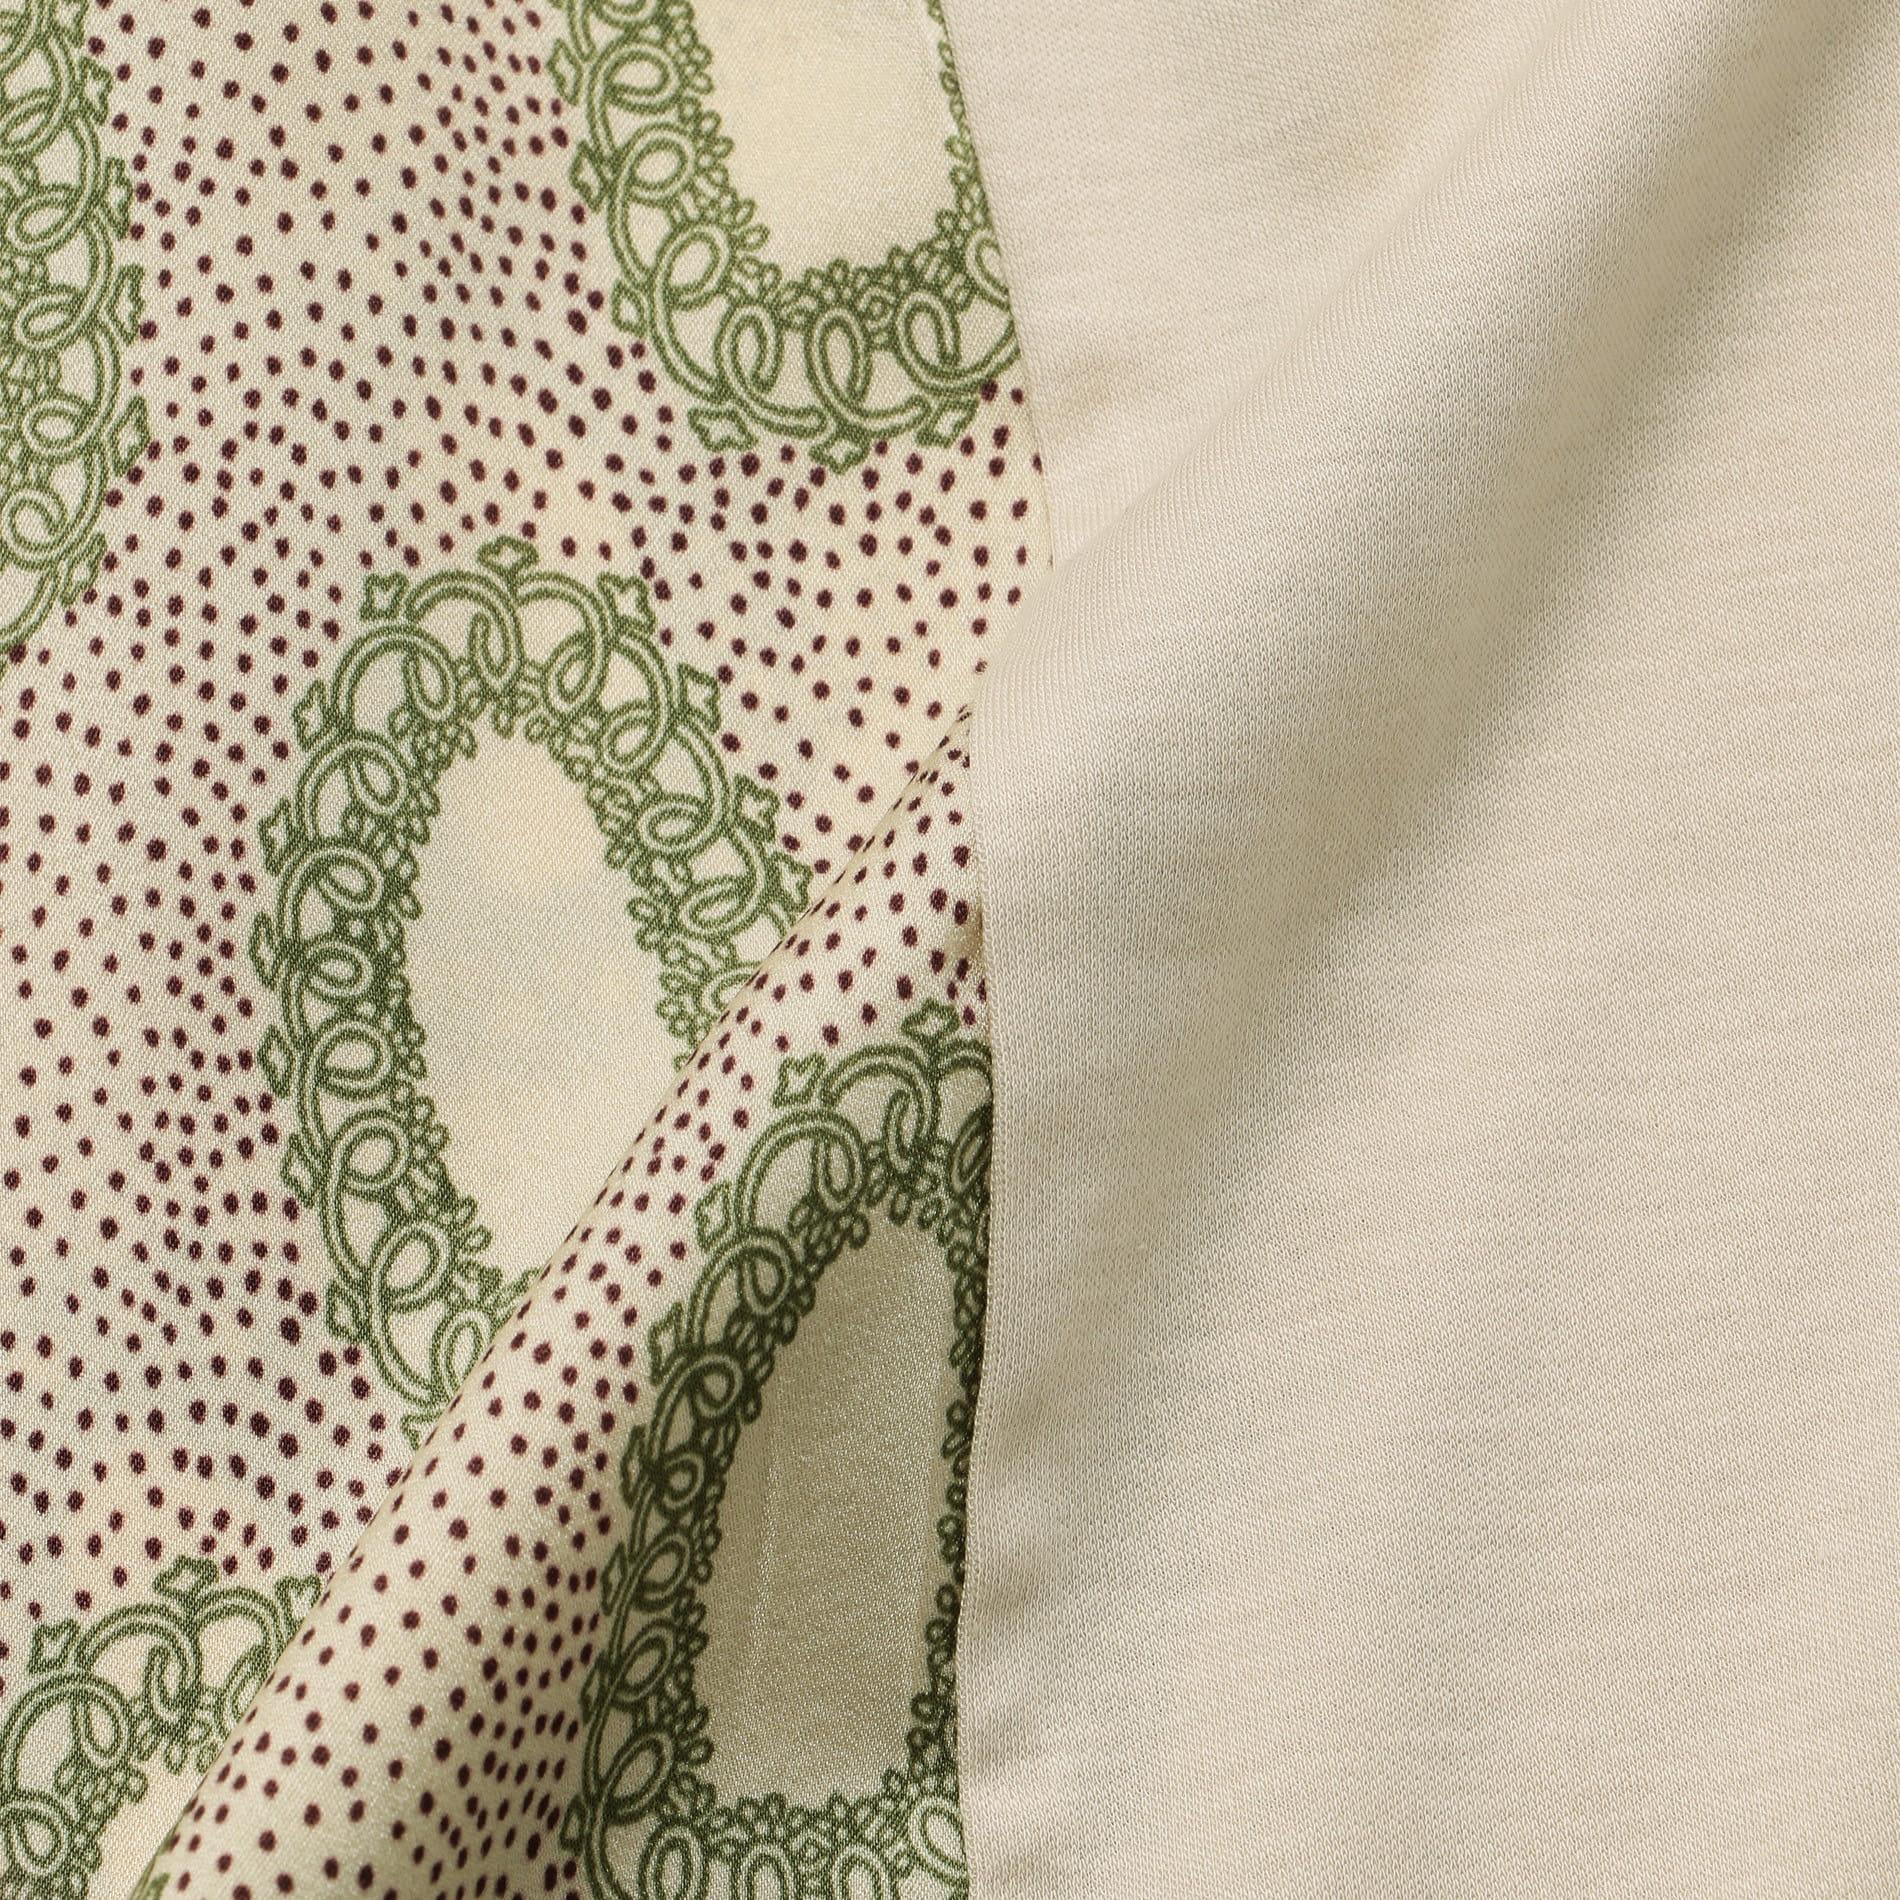 【muller of yoshiokubo】WOMEN ミラーTシャツ MLS19102